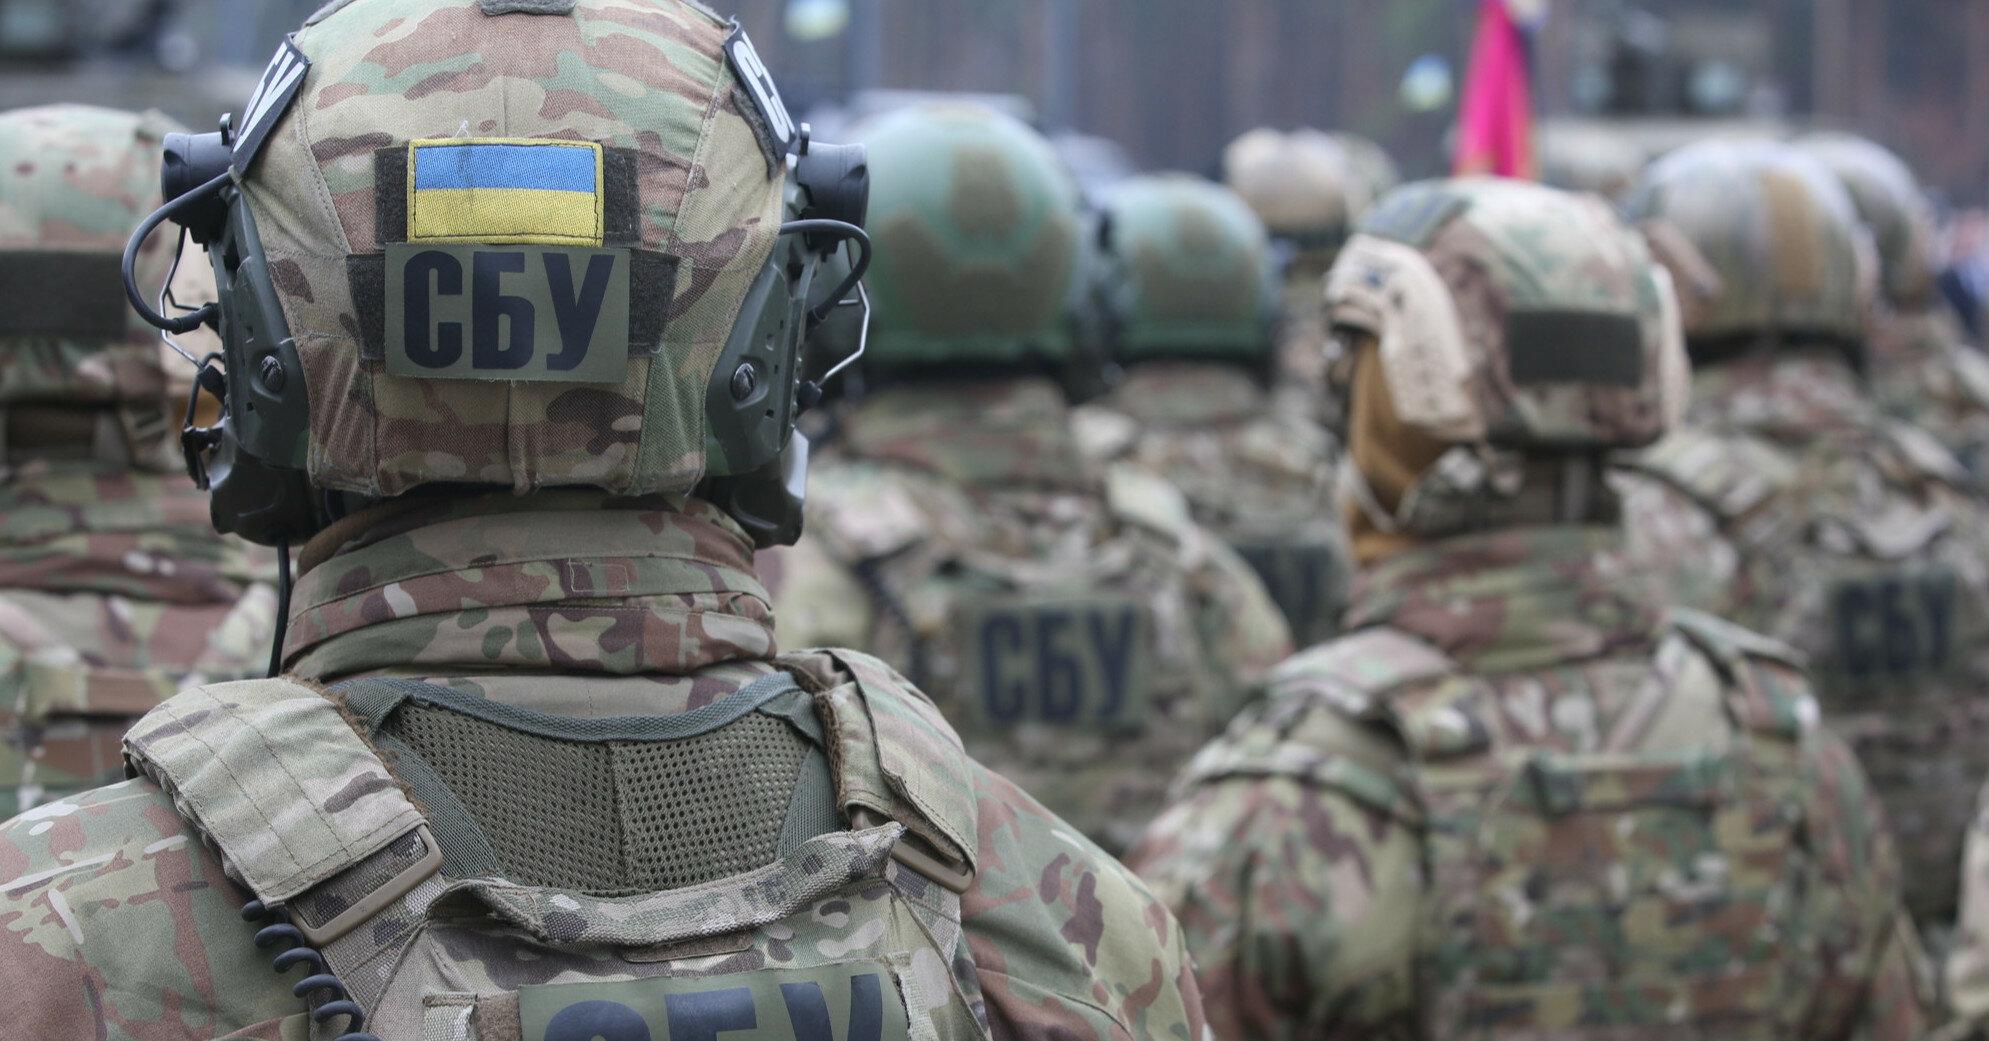 Никакой махновщины: СБУ пресекла деятельность фейковых властей в Гуляйполе